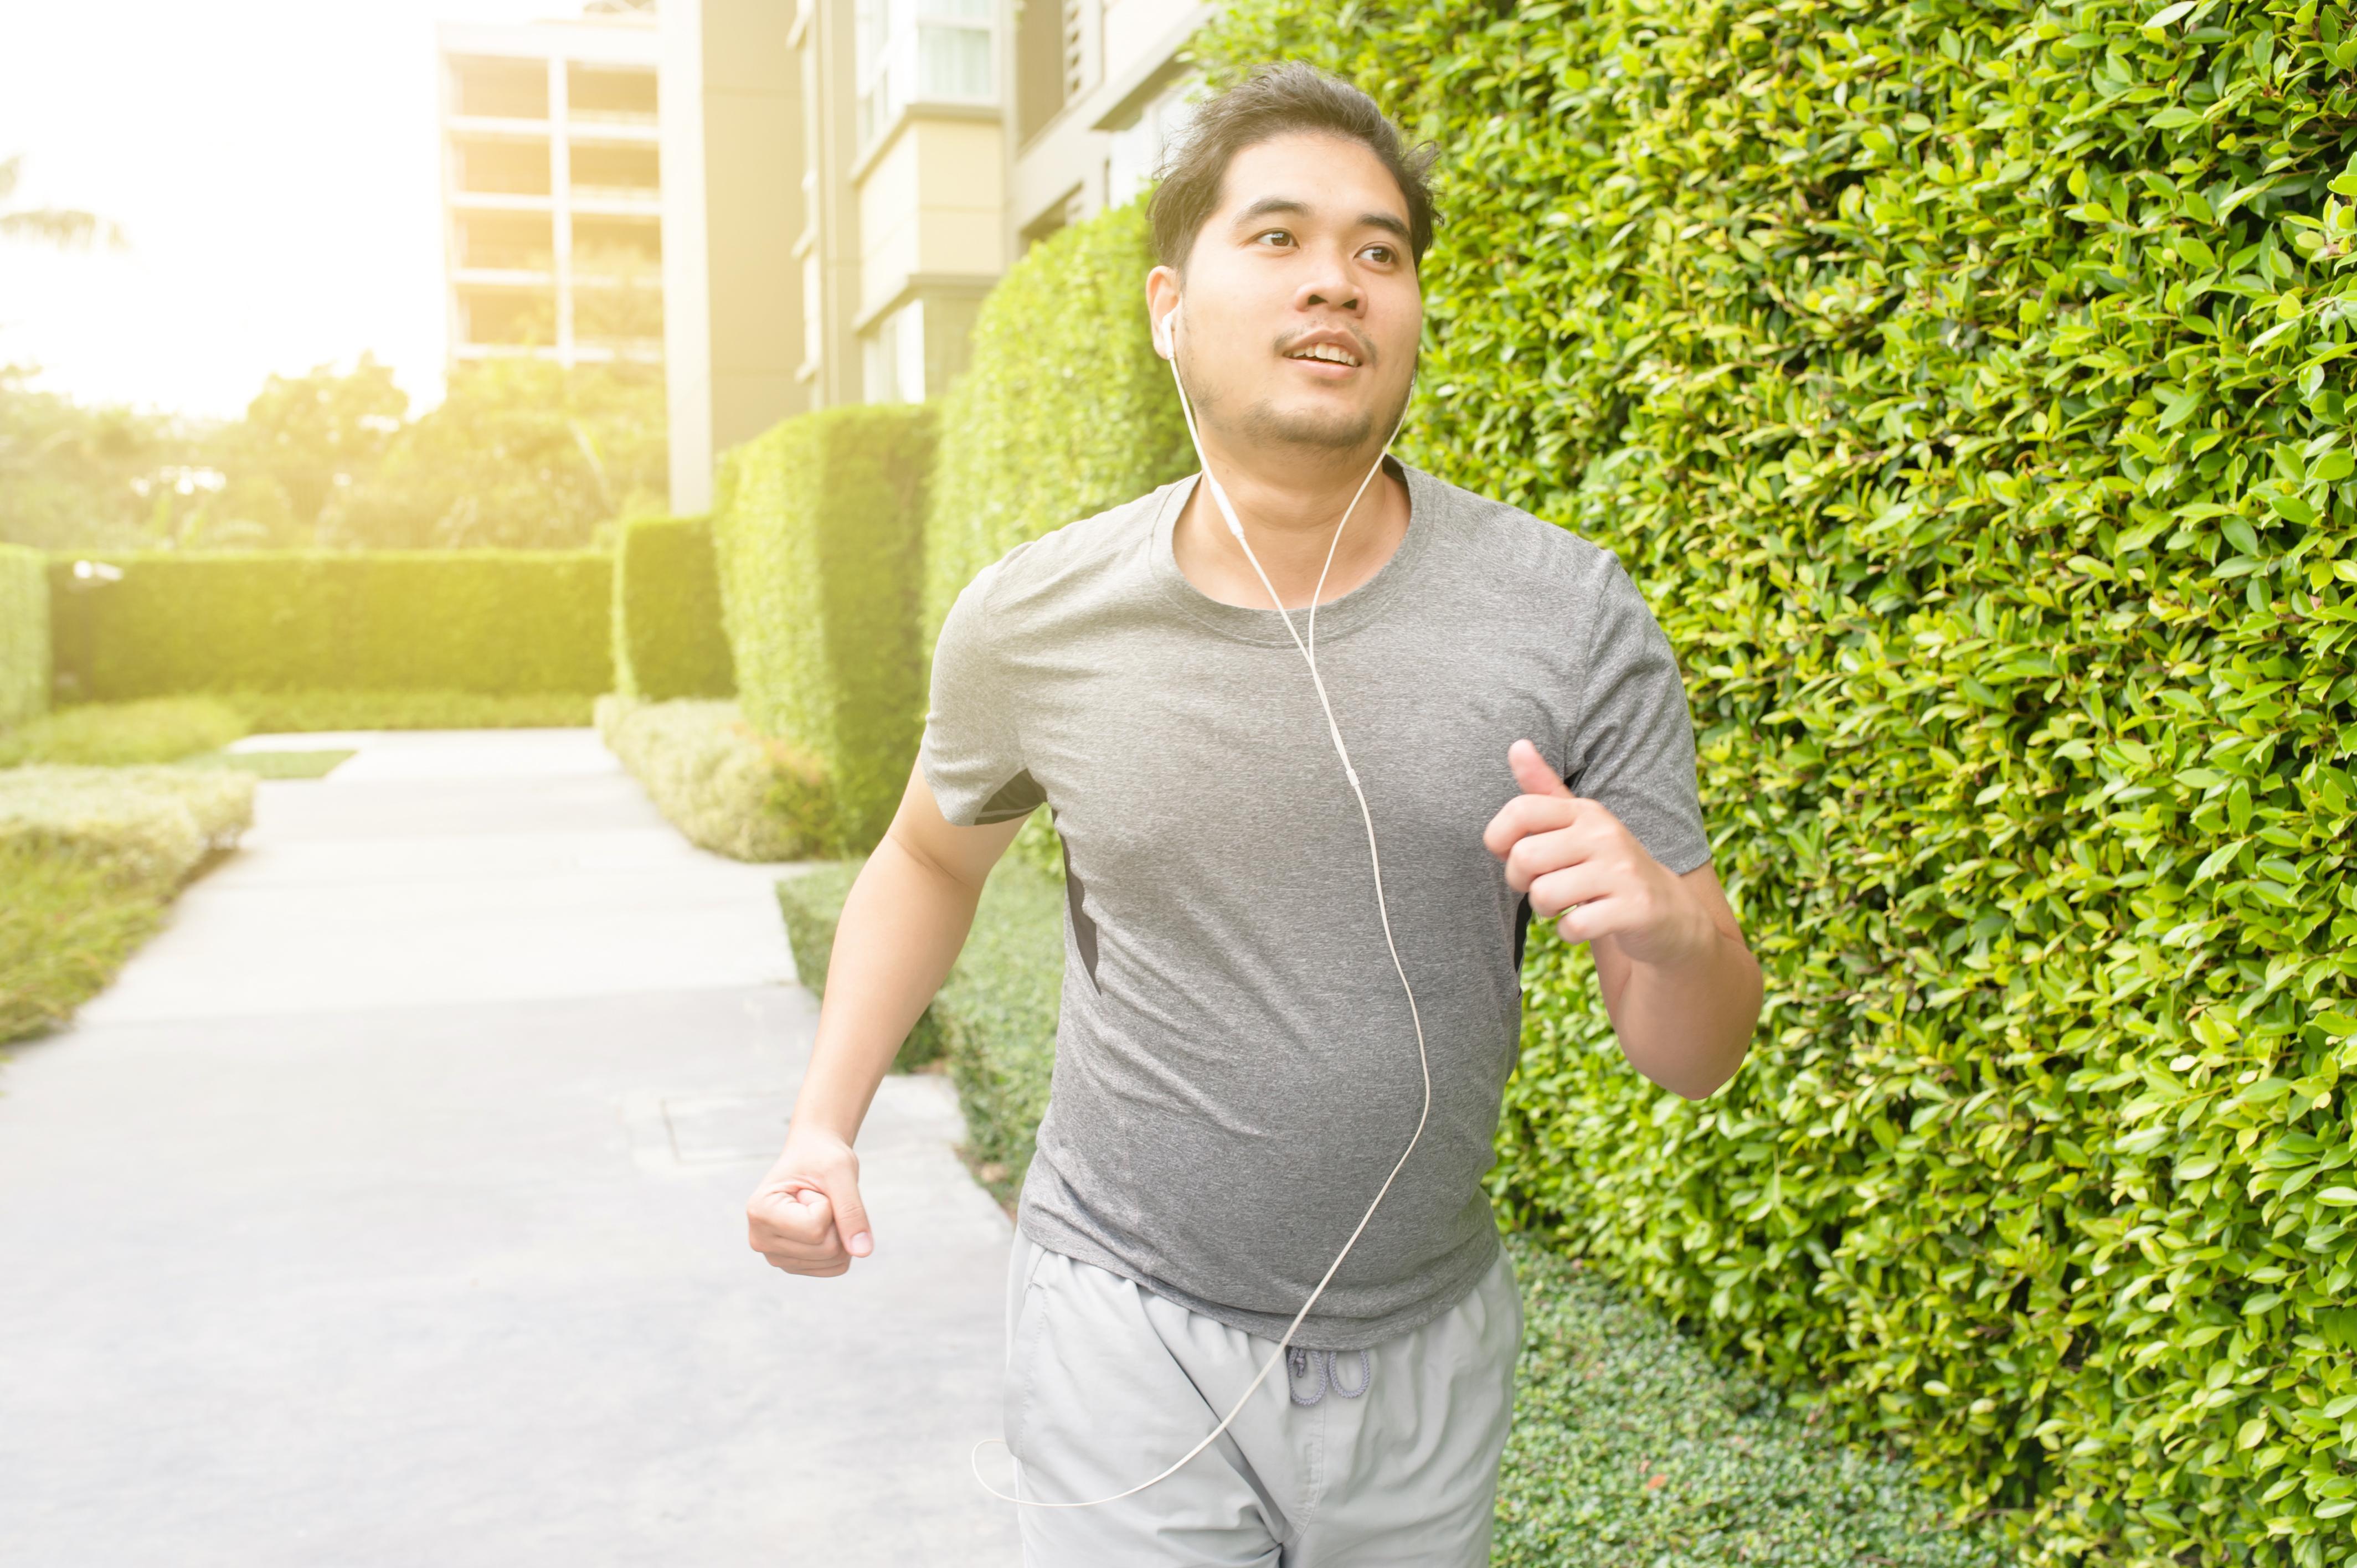 Salir a correr no es la mejor forma de ponerse en forma y estos son los motivos